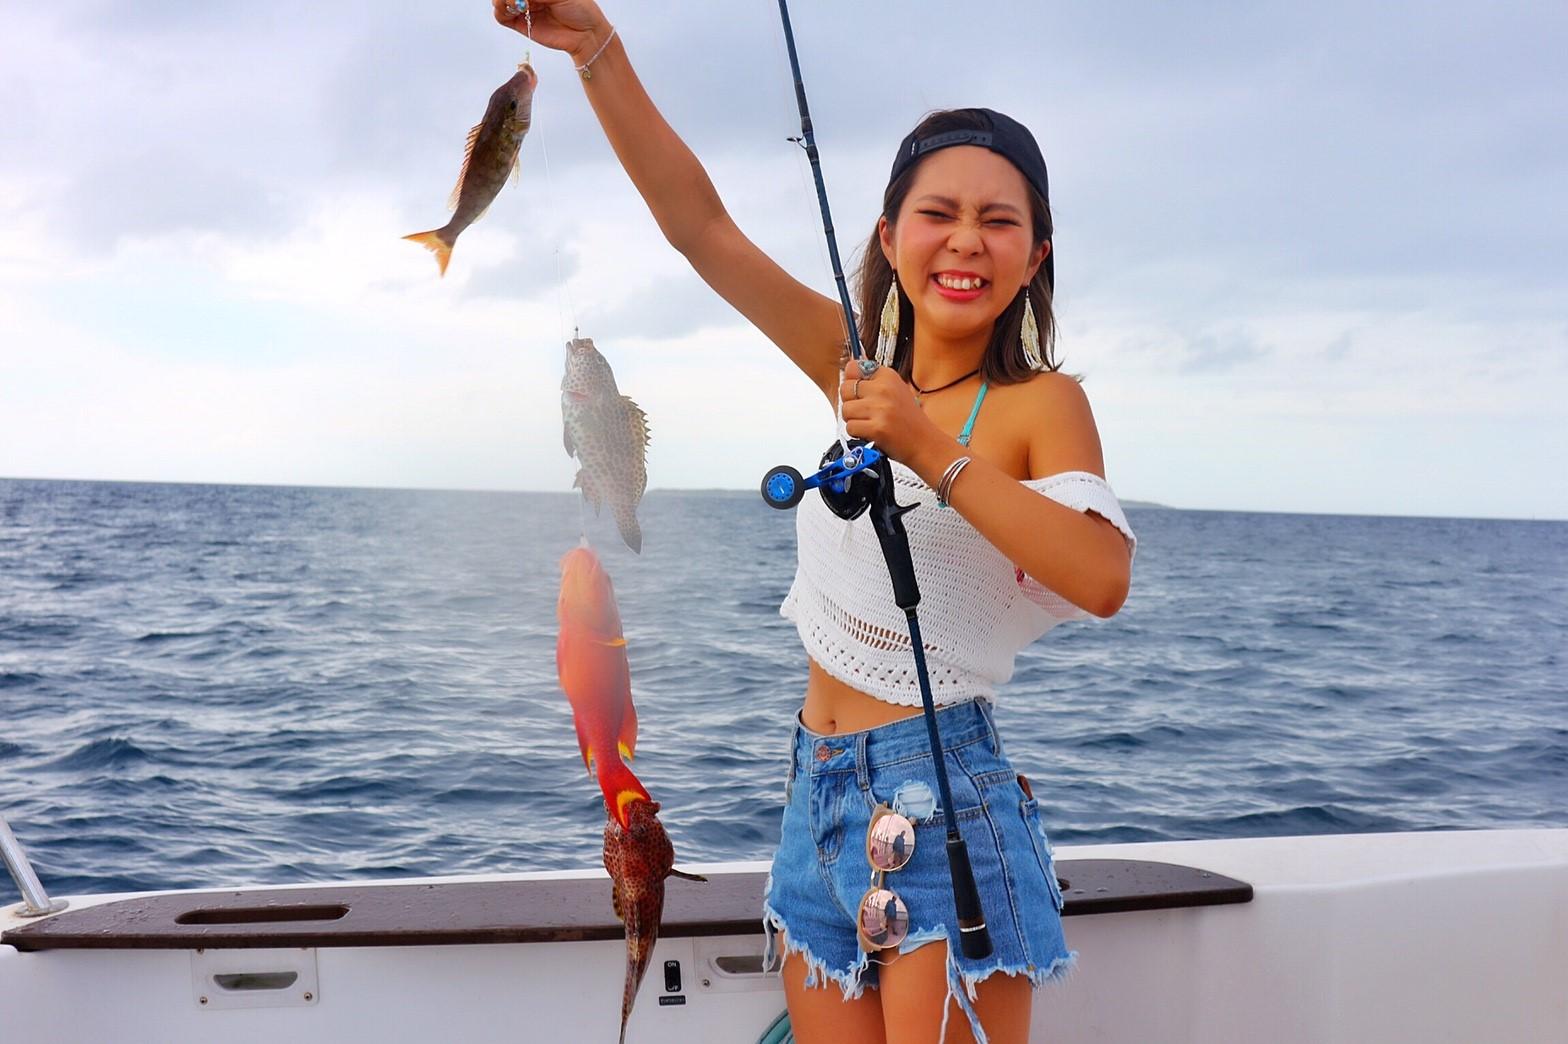 釣りツアーに参加中の女性